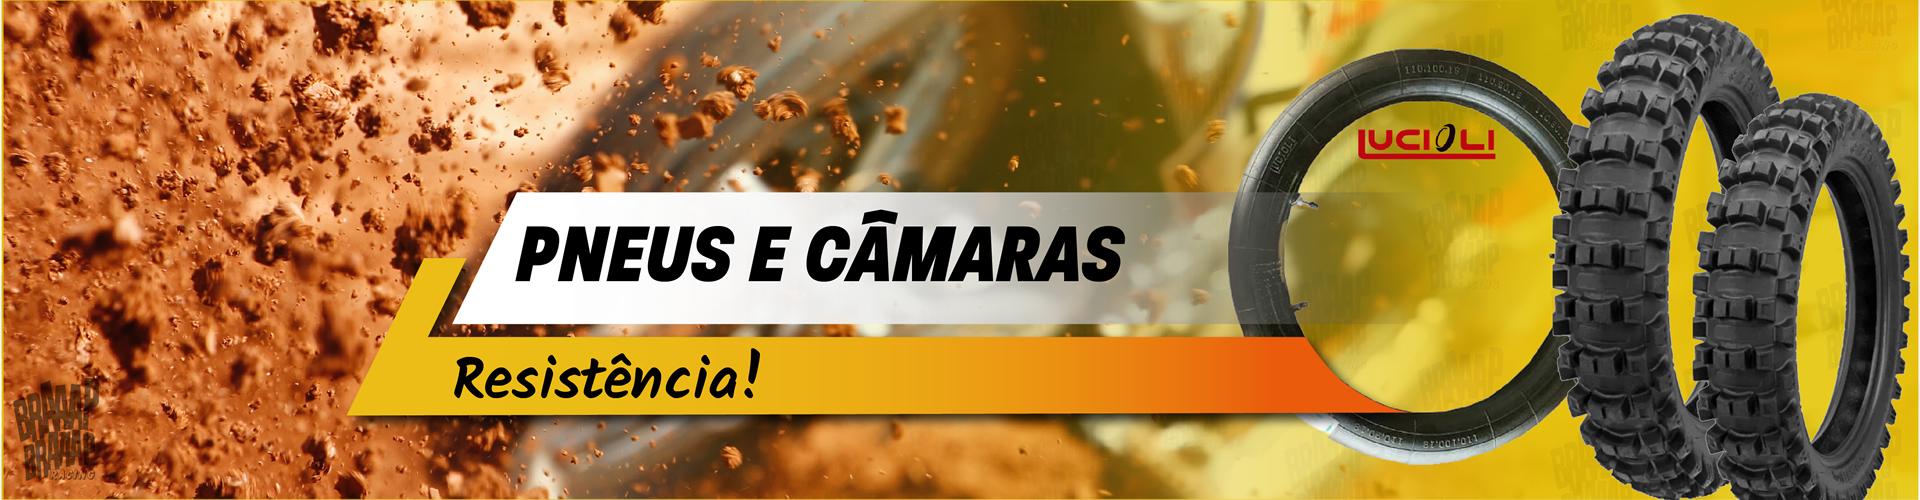 Pneus e Camaras